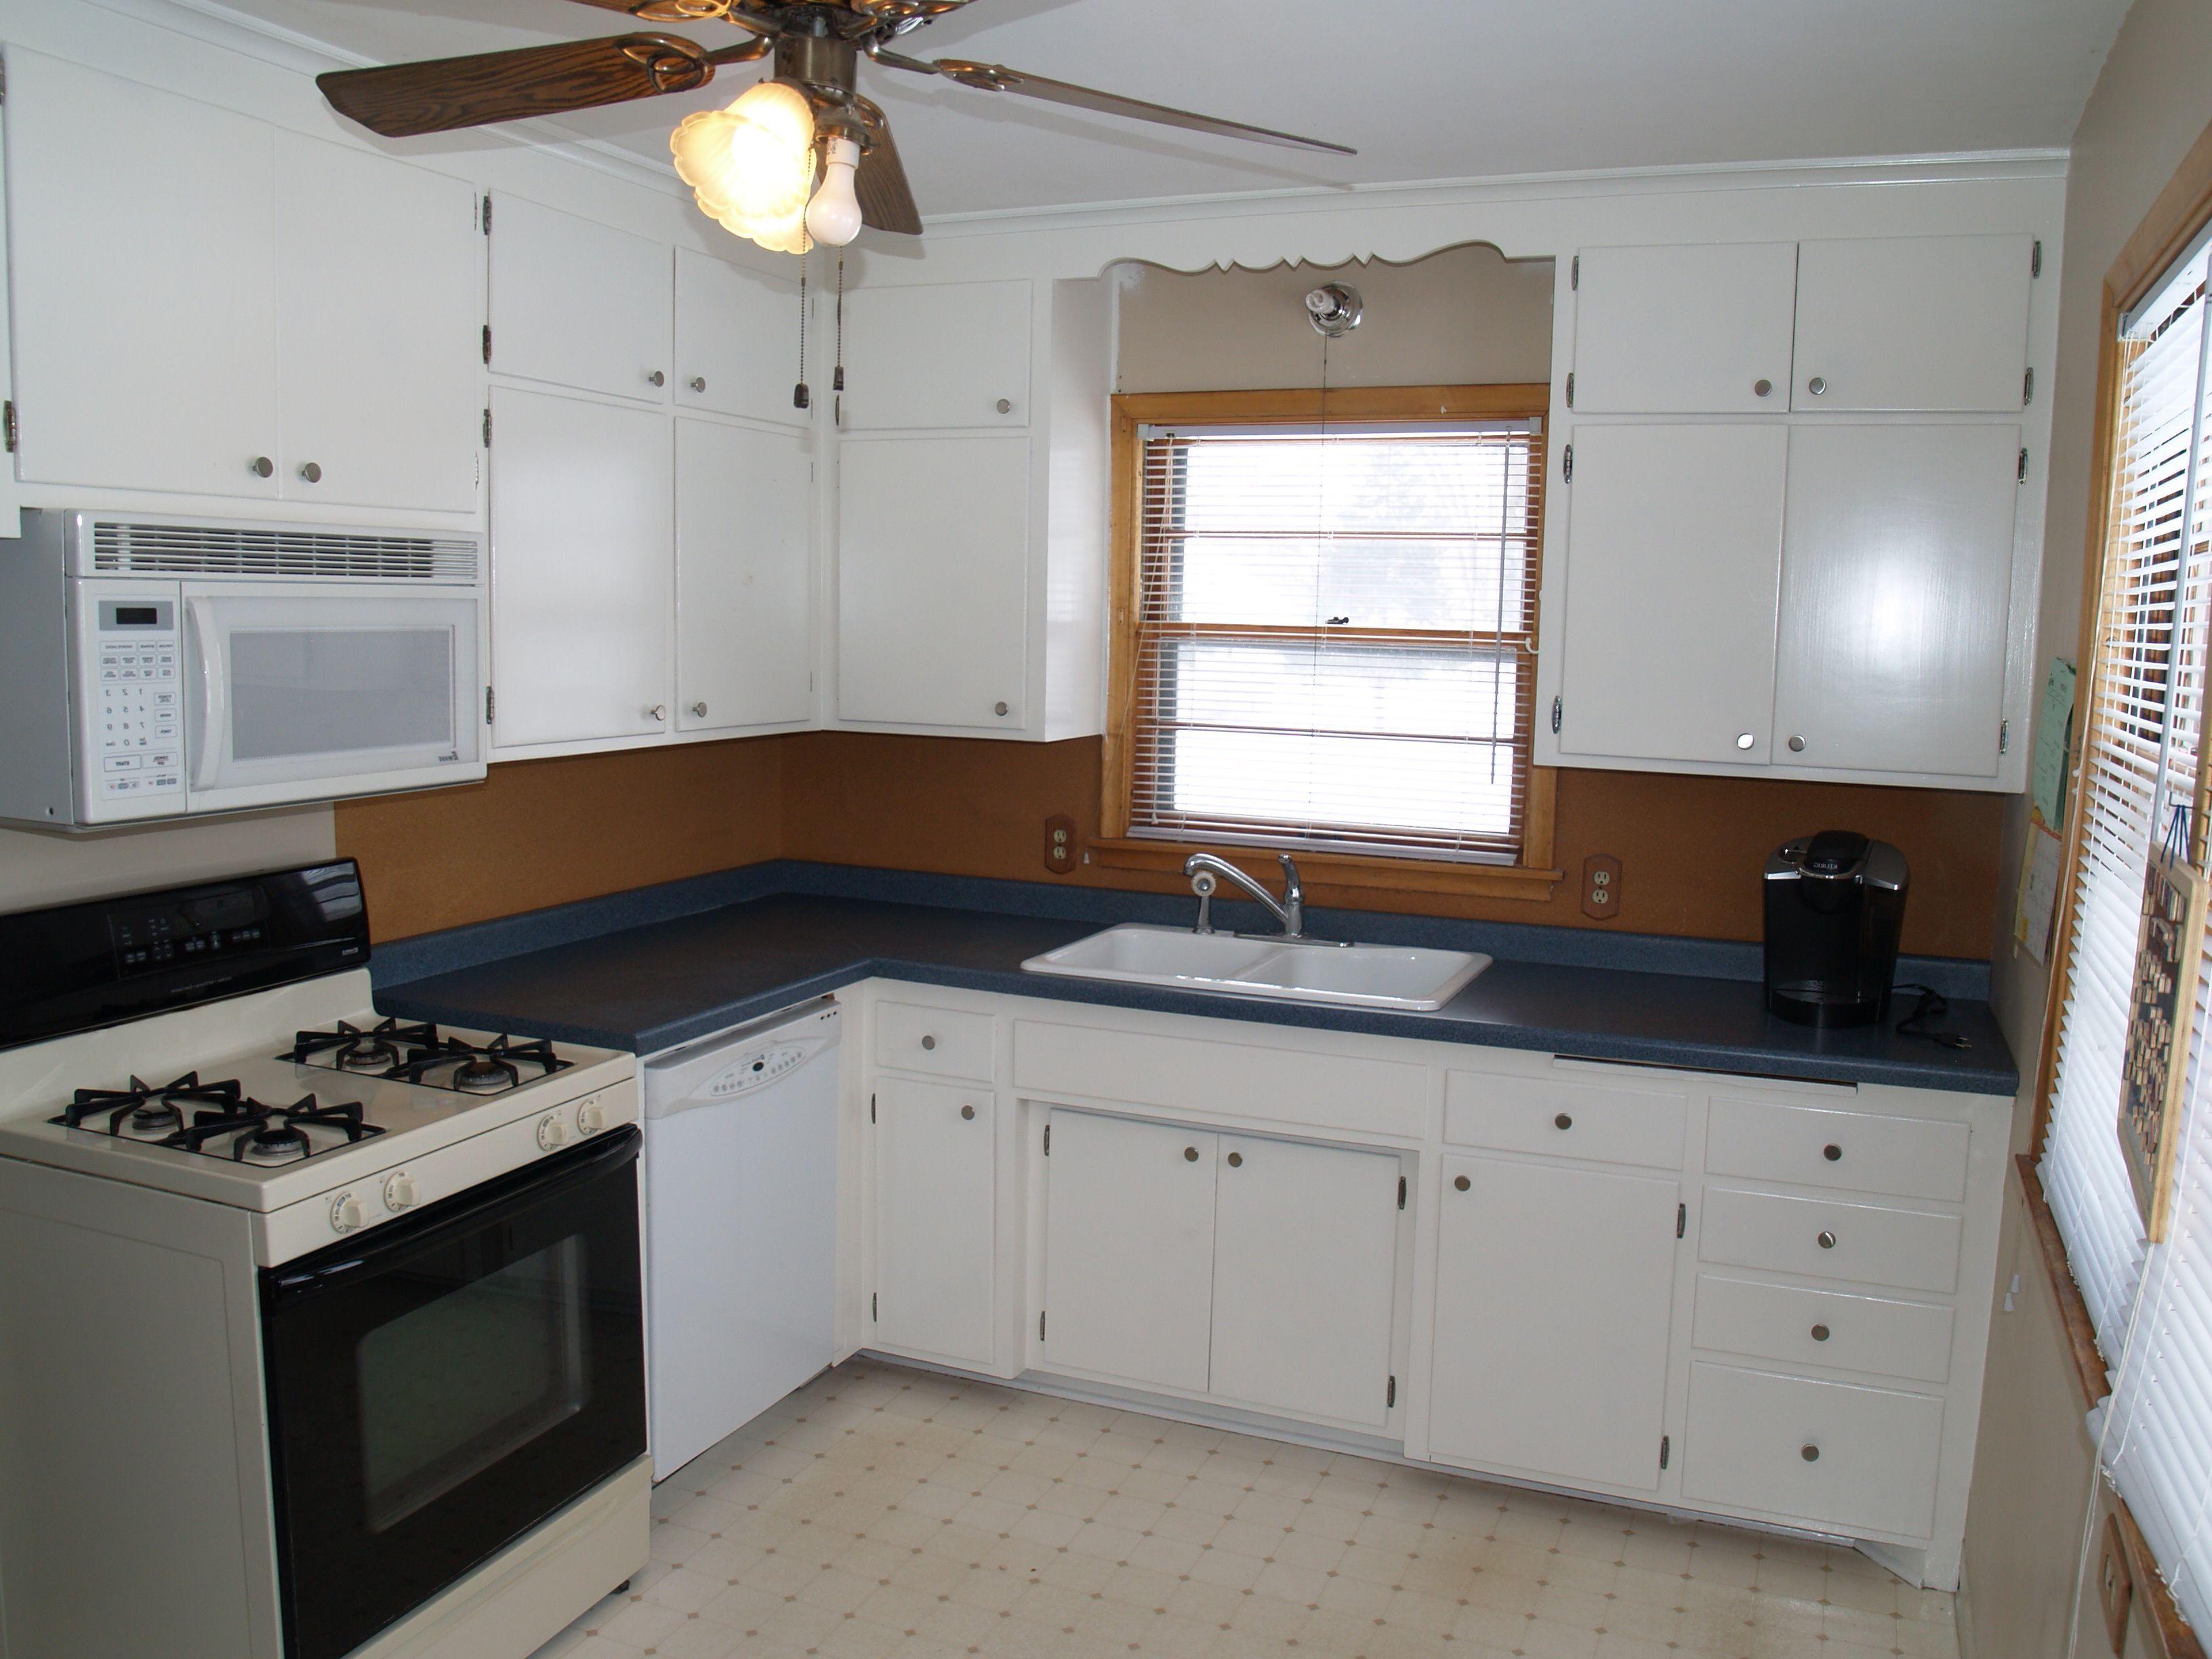 kleine k che renovieren ideen kleine k che ahorn k che kabinette neue k che ideen kleine k che. Black Bedroom Furniture Sets. Home Design Ideas